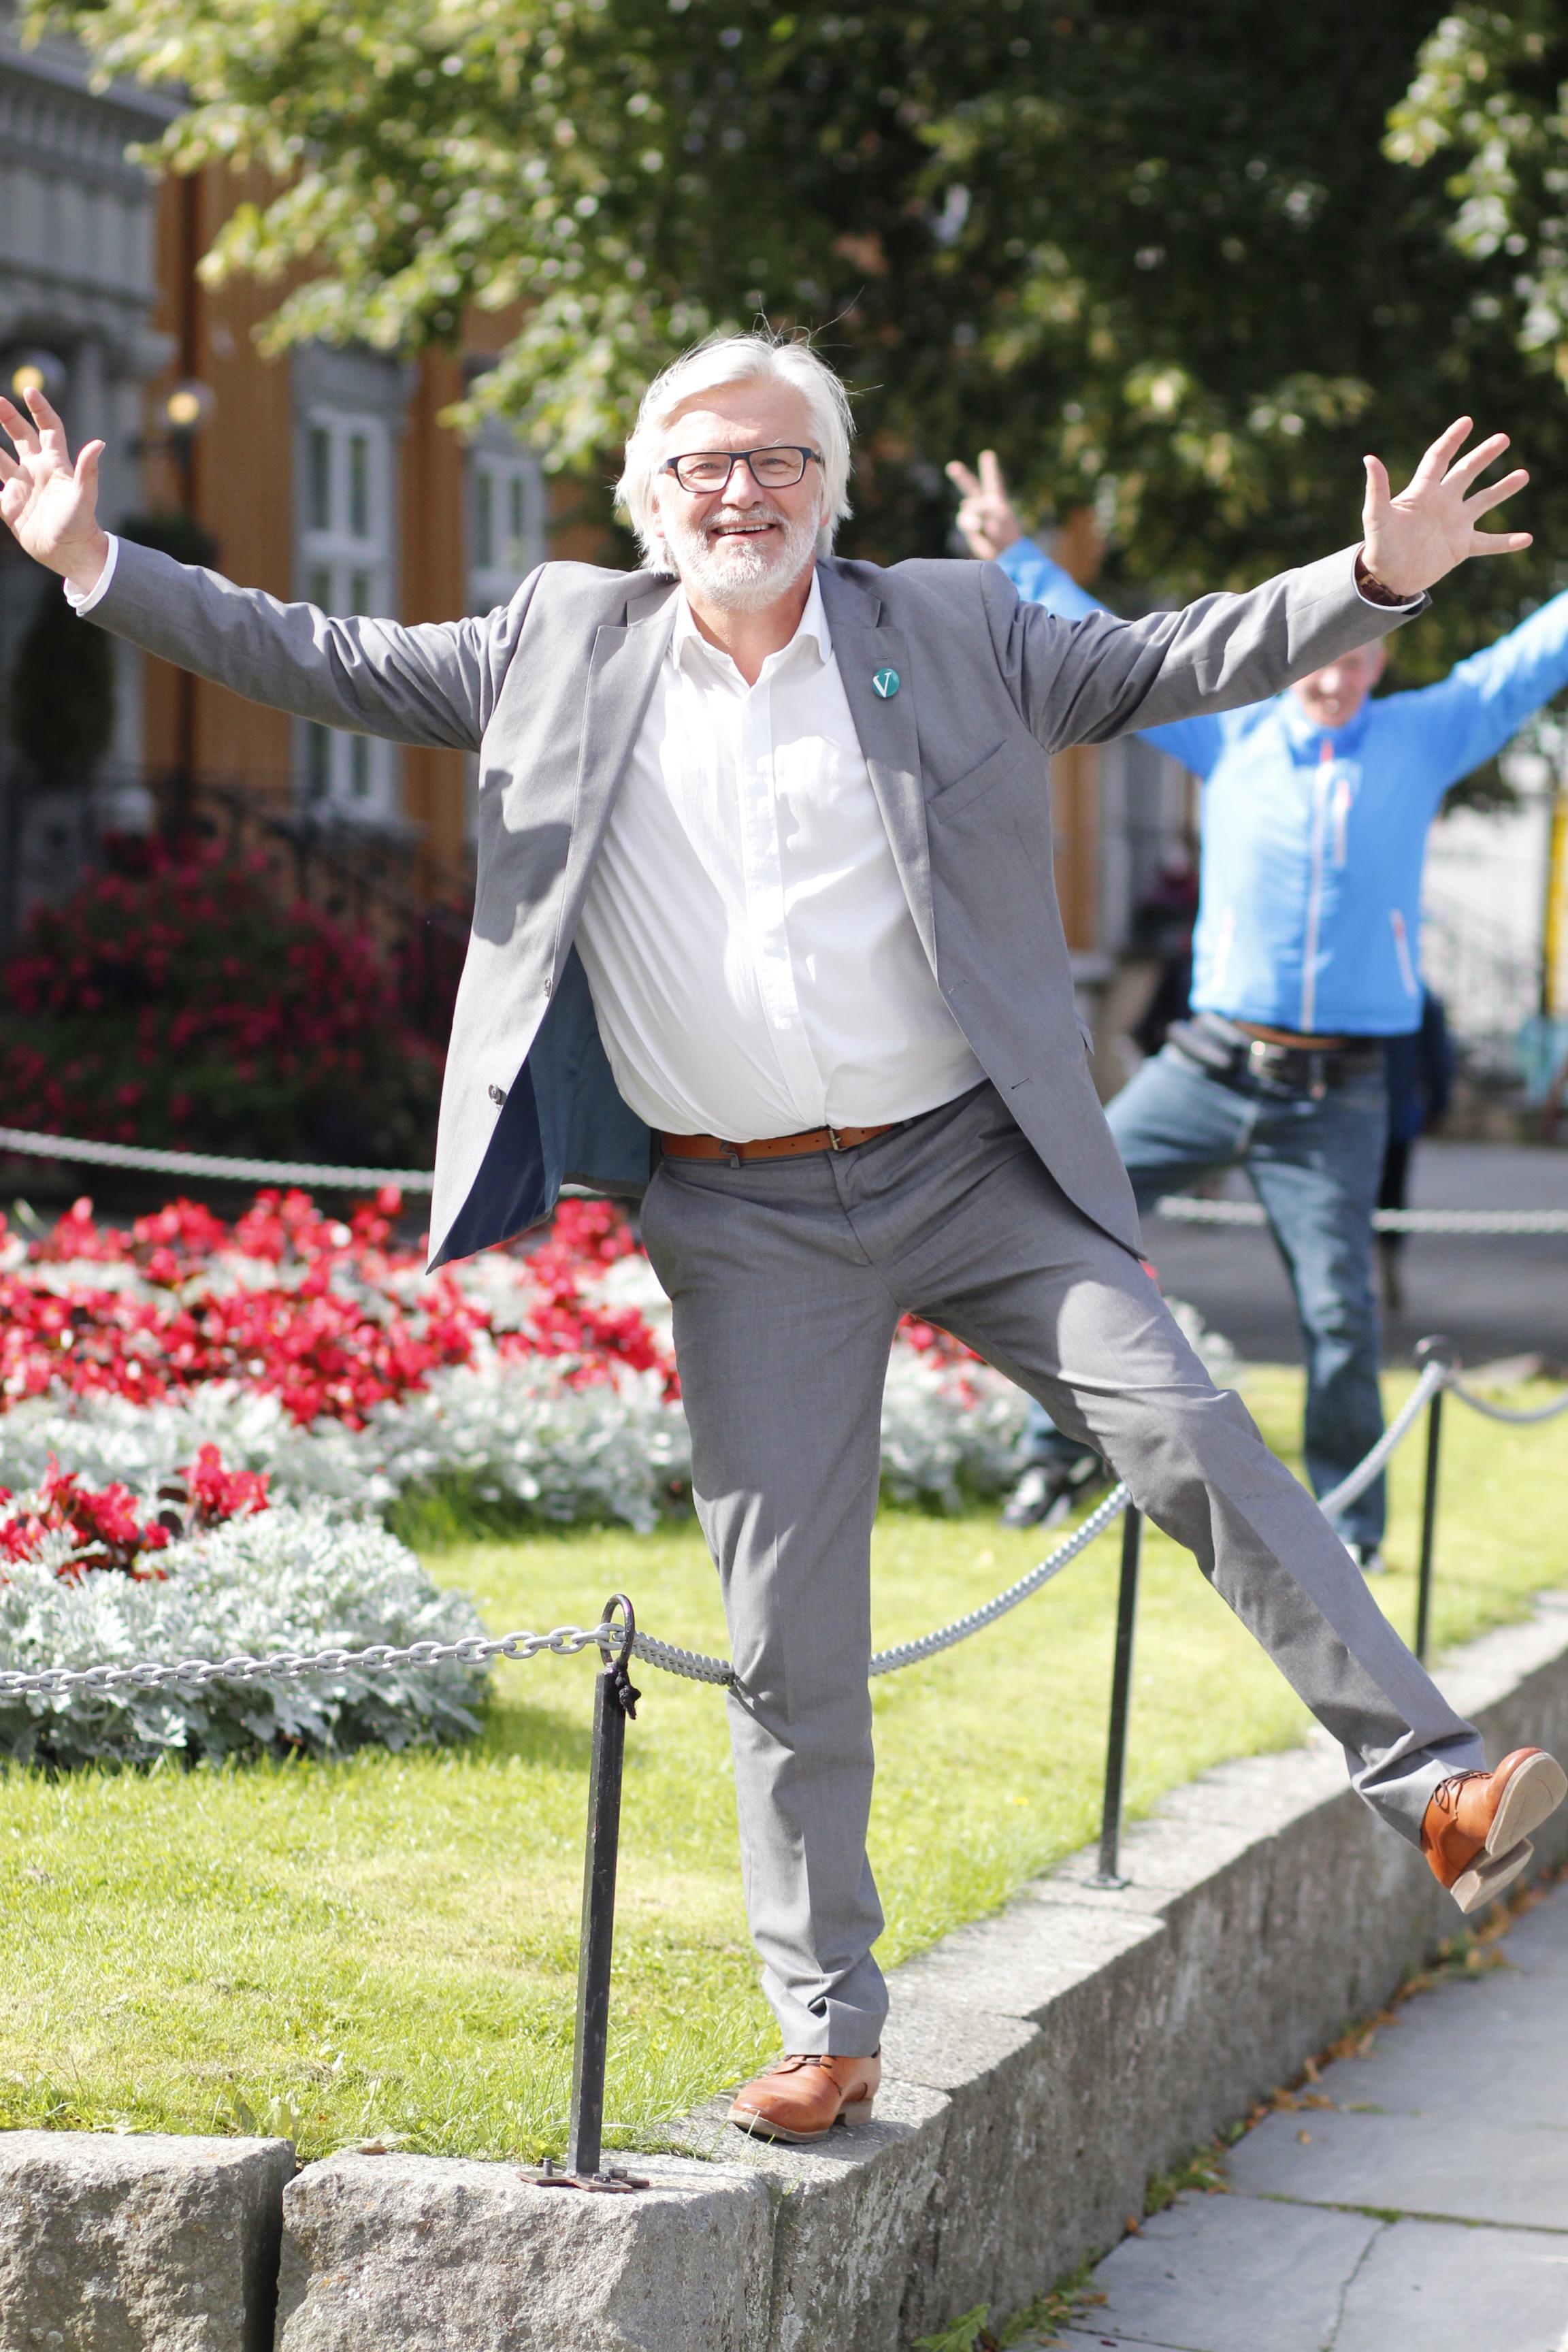 Inne, ute – eller på utjevningsmandat? Meningsmålingene for Venstres Jon Gunnes spriker i alle retninger få dager før valget.